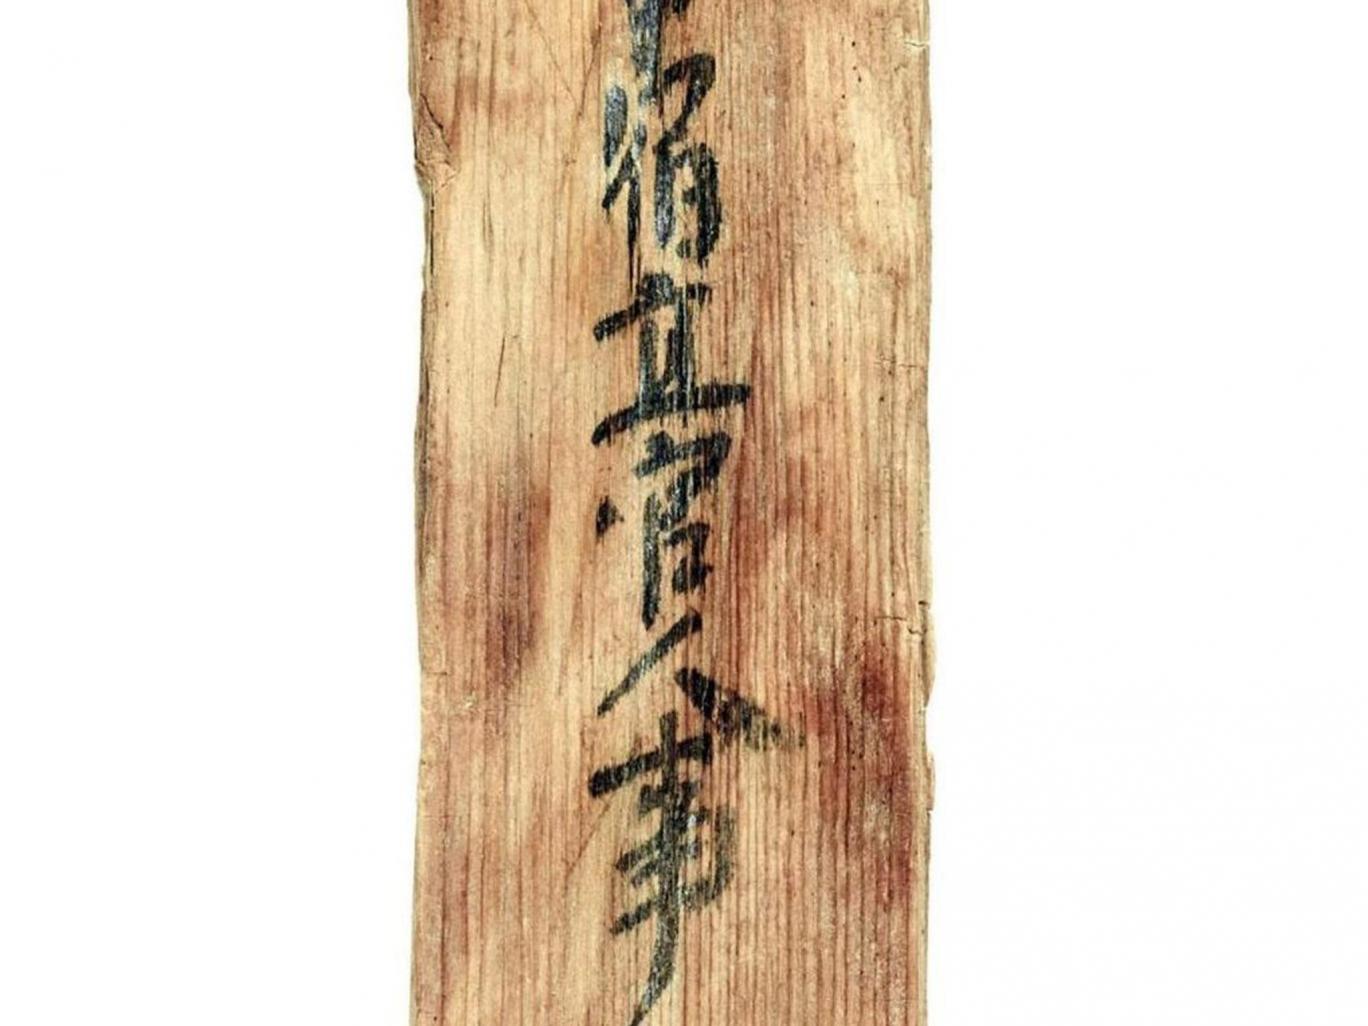 ایرانیان 1000 سال قبل در ژاپن ریاضیات تدریس می کرده اند